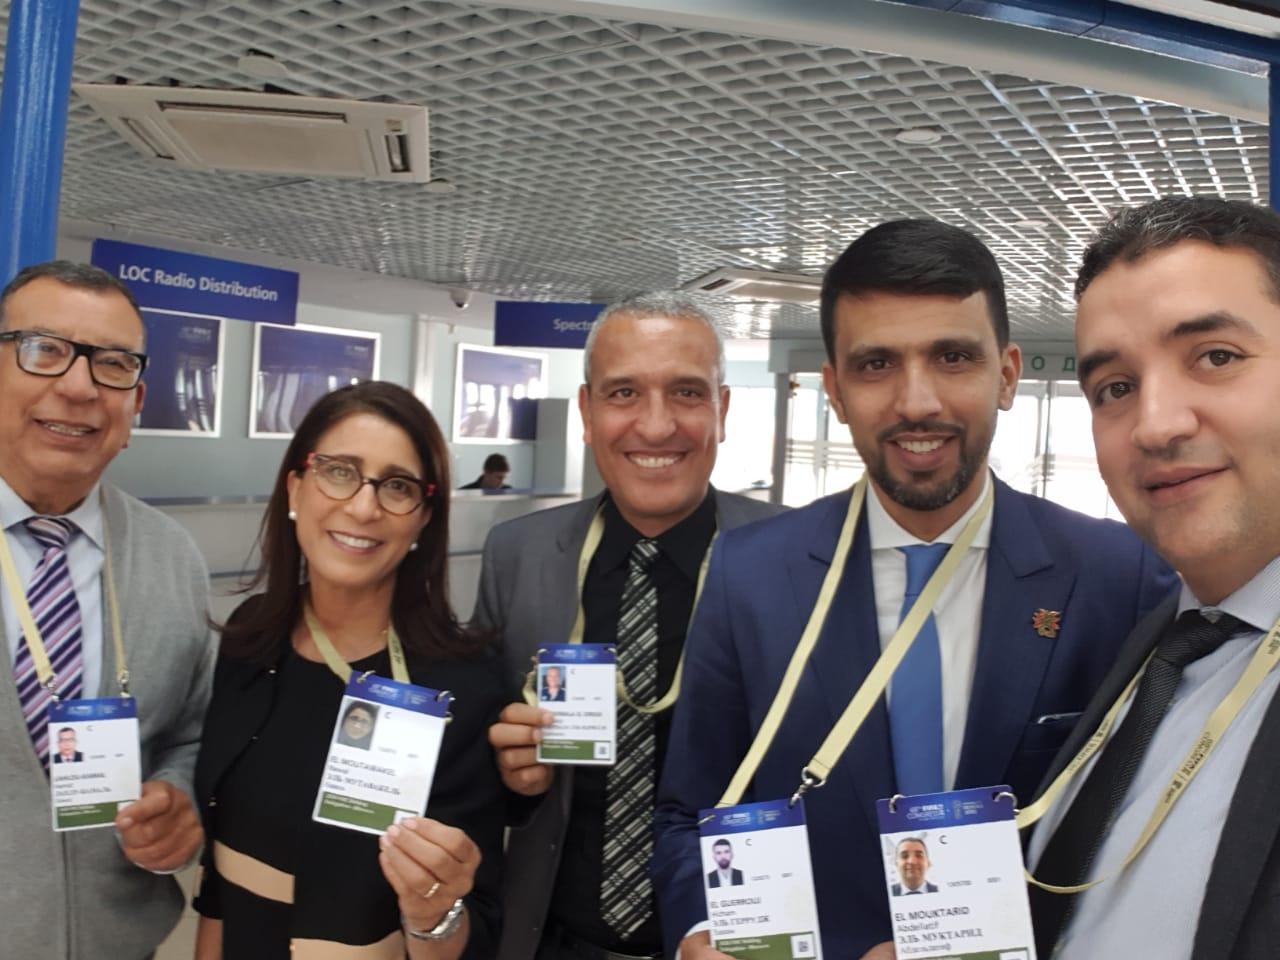 عبد اللطيف المقترض ضمن اللجنة التي ستمثل المغرب في التصويت على الدولة المحتضنة لمونديال 2026